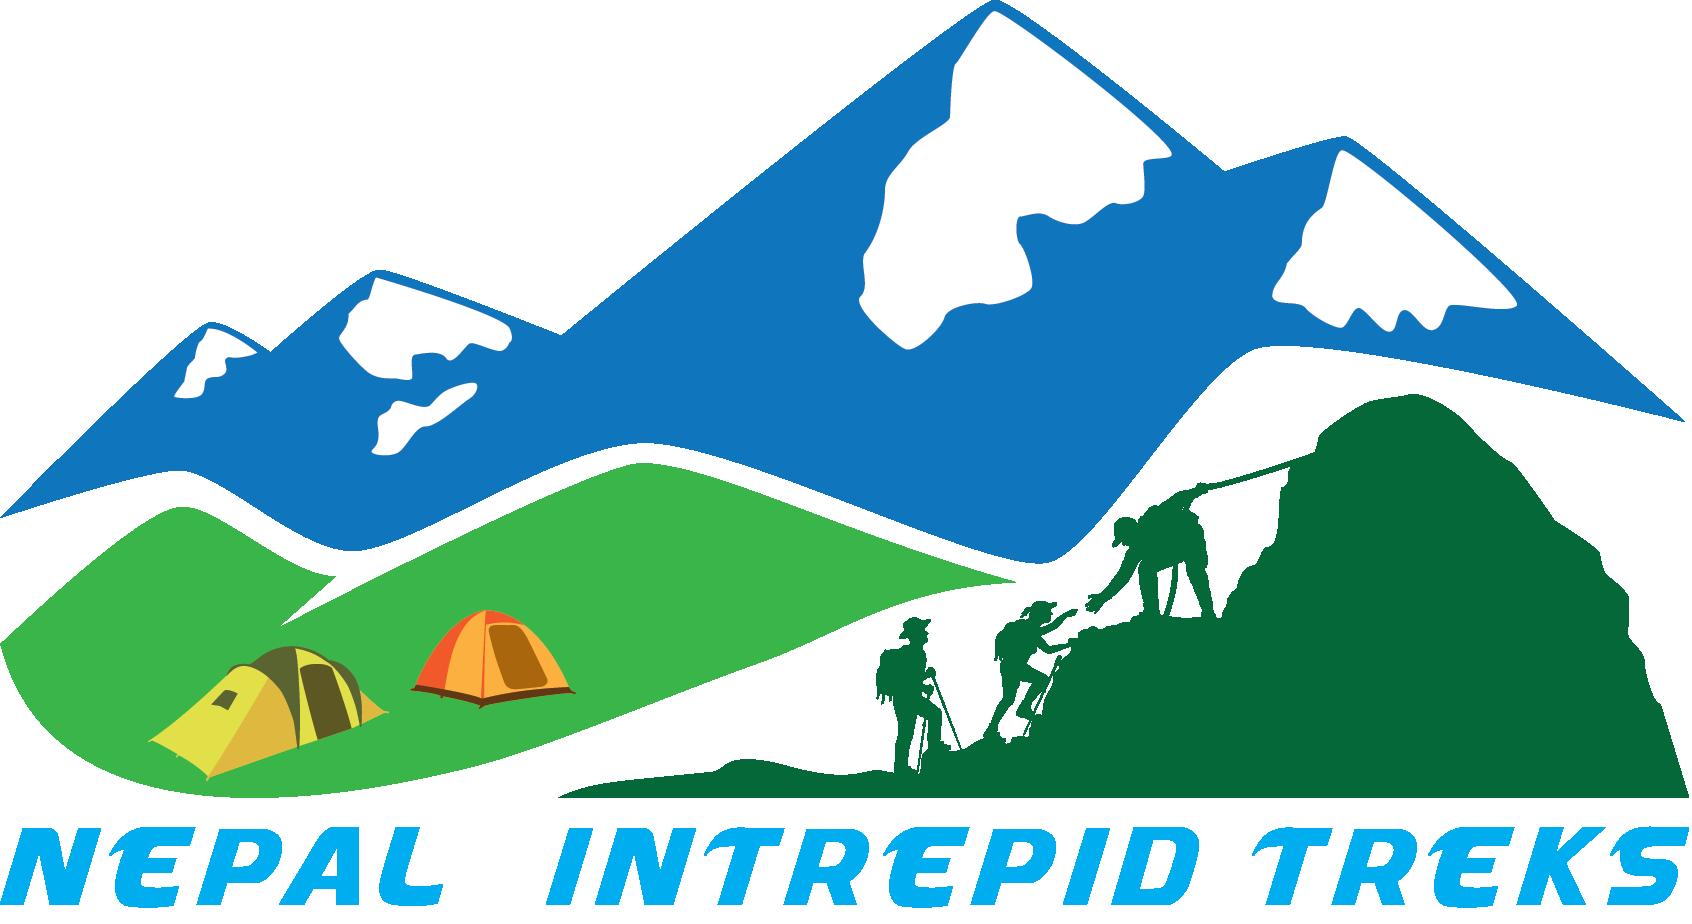 1692x924 Trekking In Nepal Travel, Tour And Hiking Nepal Intrepid Treks